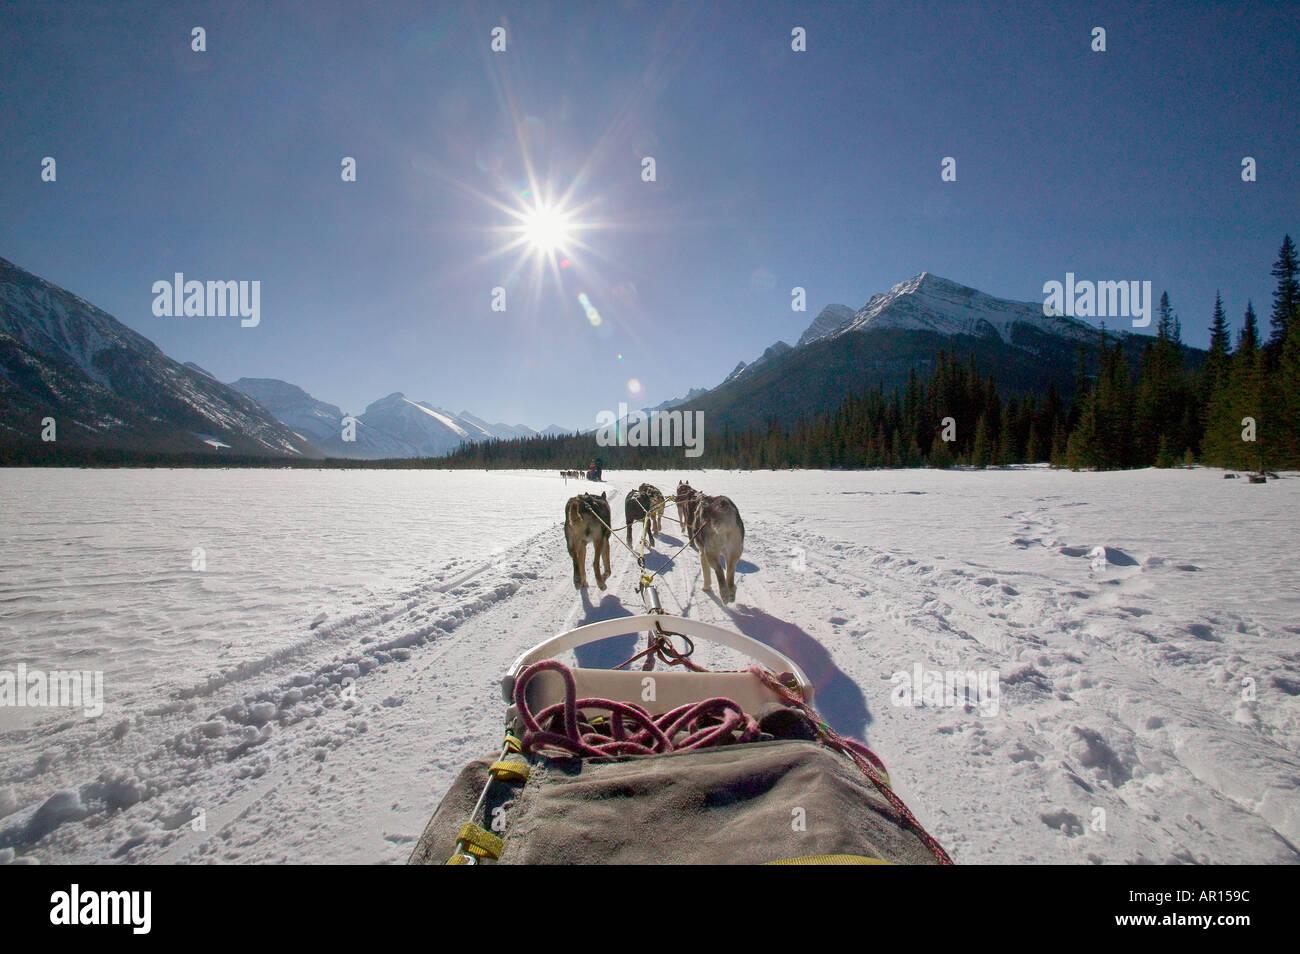 Dog sled team pulling sled over frozen lake - Stock Image